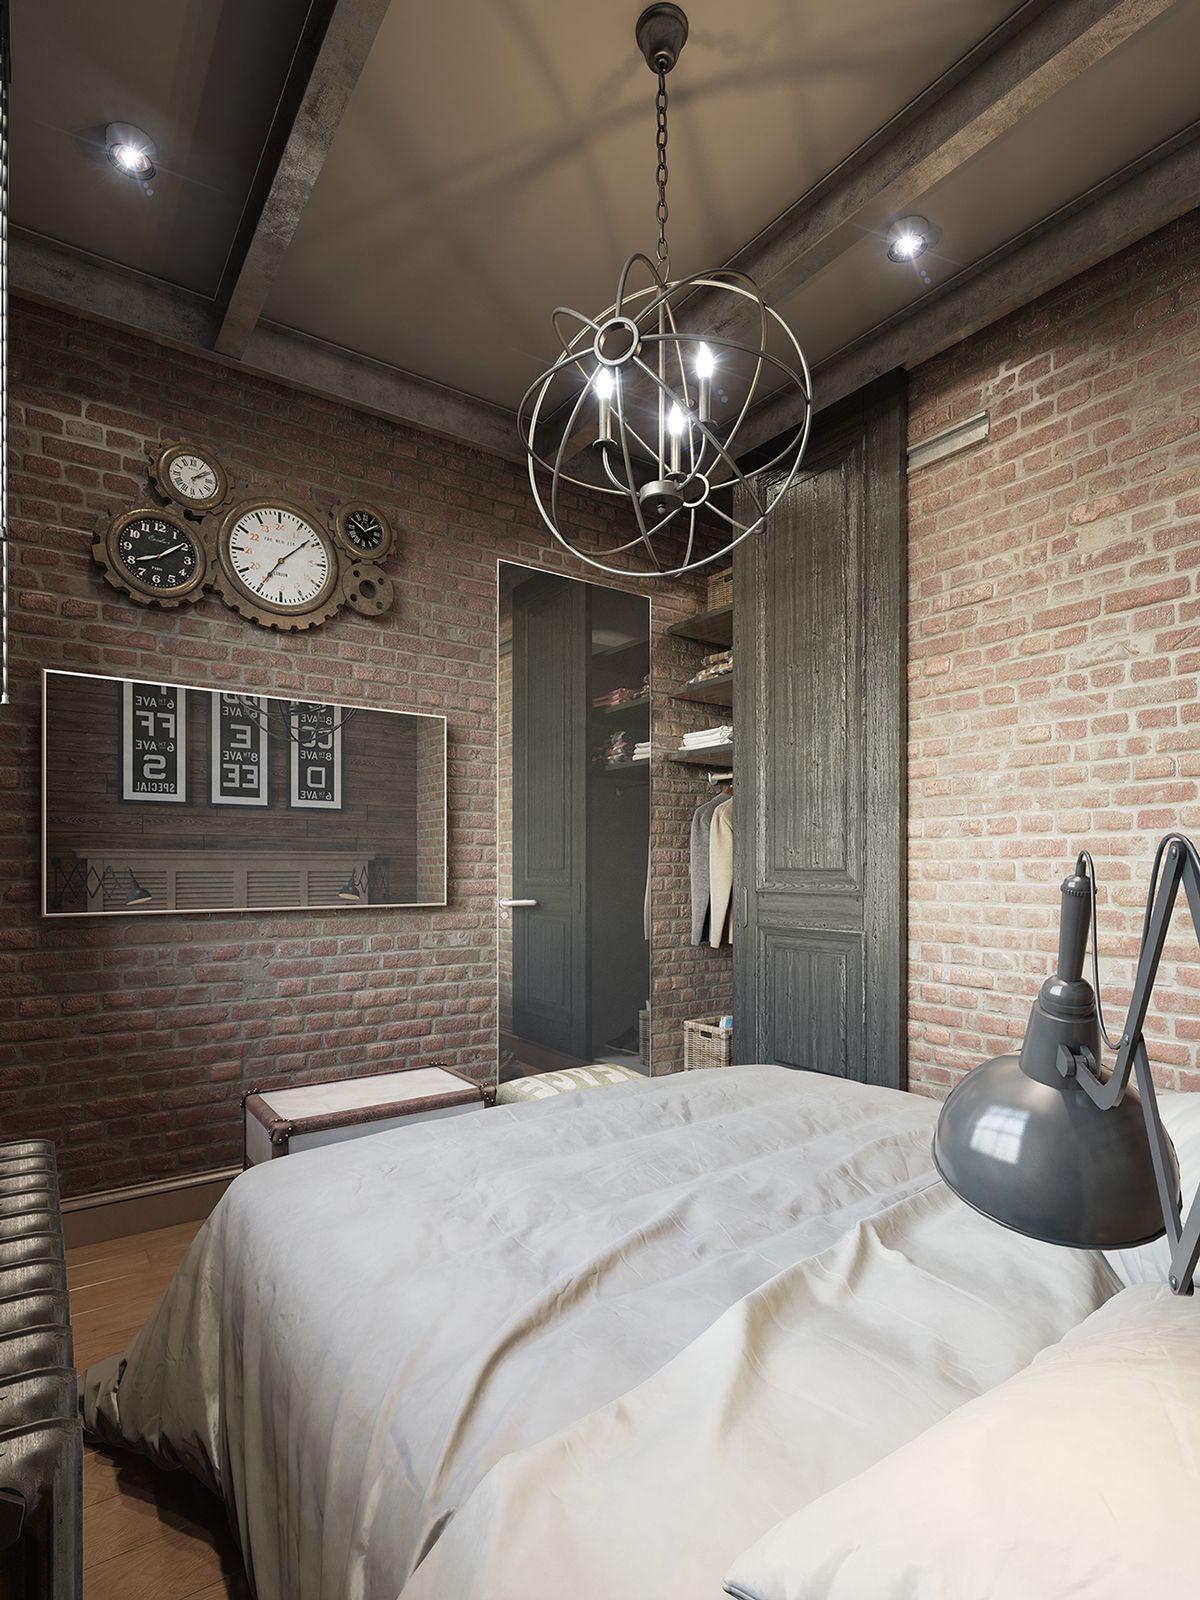 Farben des wohnraums 2018 dunkle farbe für kleine wohnung interior design mit freigelegten